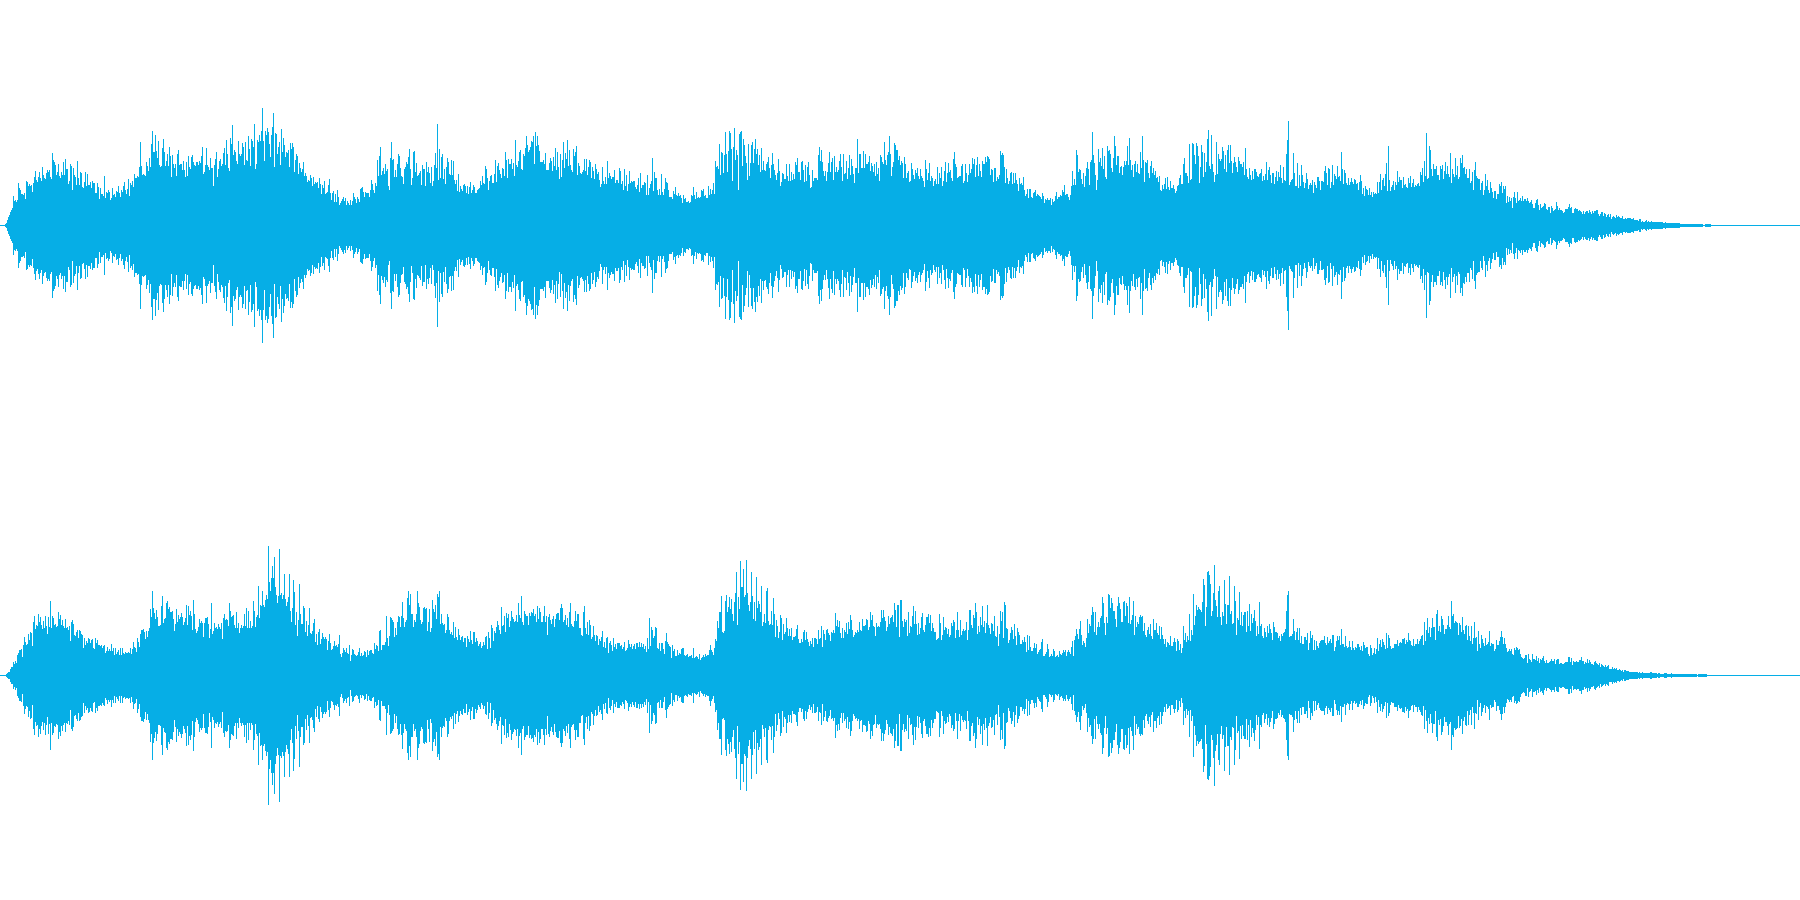 エスノな洞窟の中に吹くアンビエントな風音の再生済みの波形